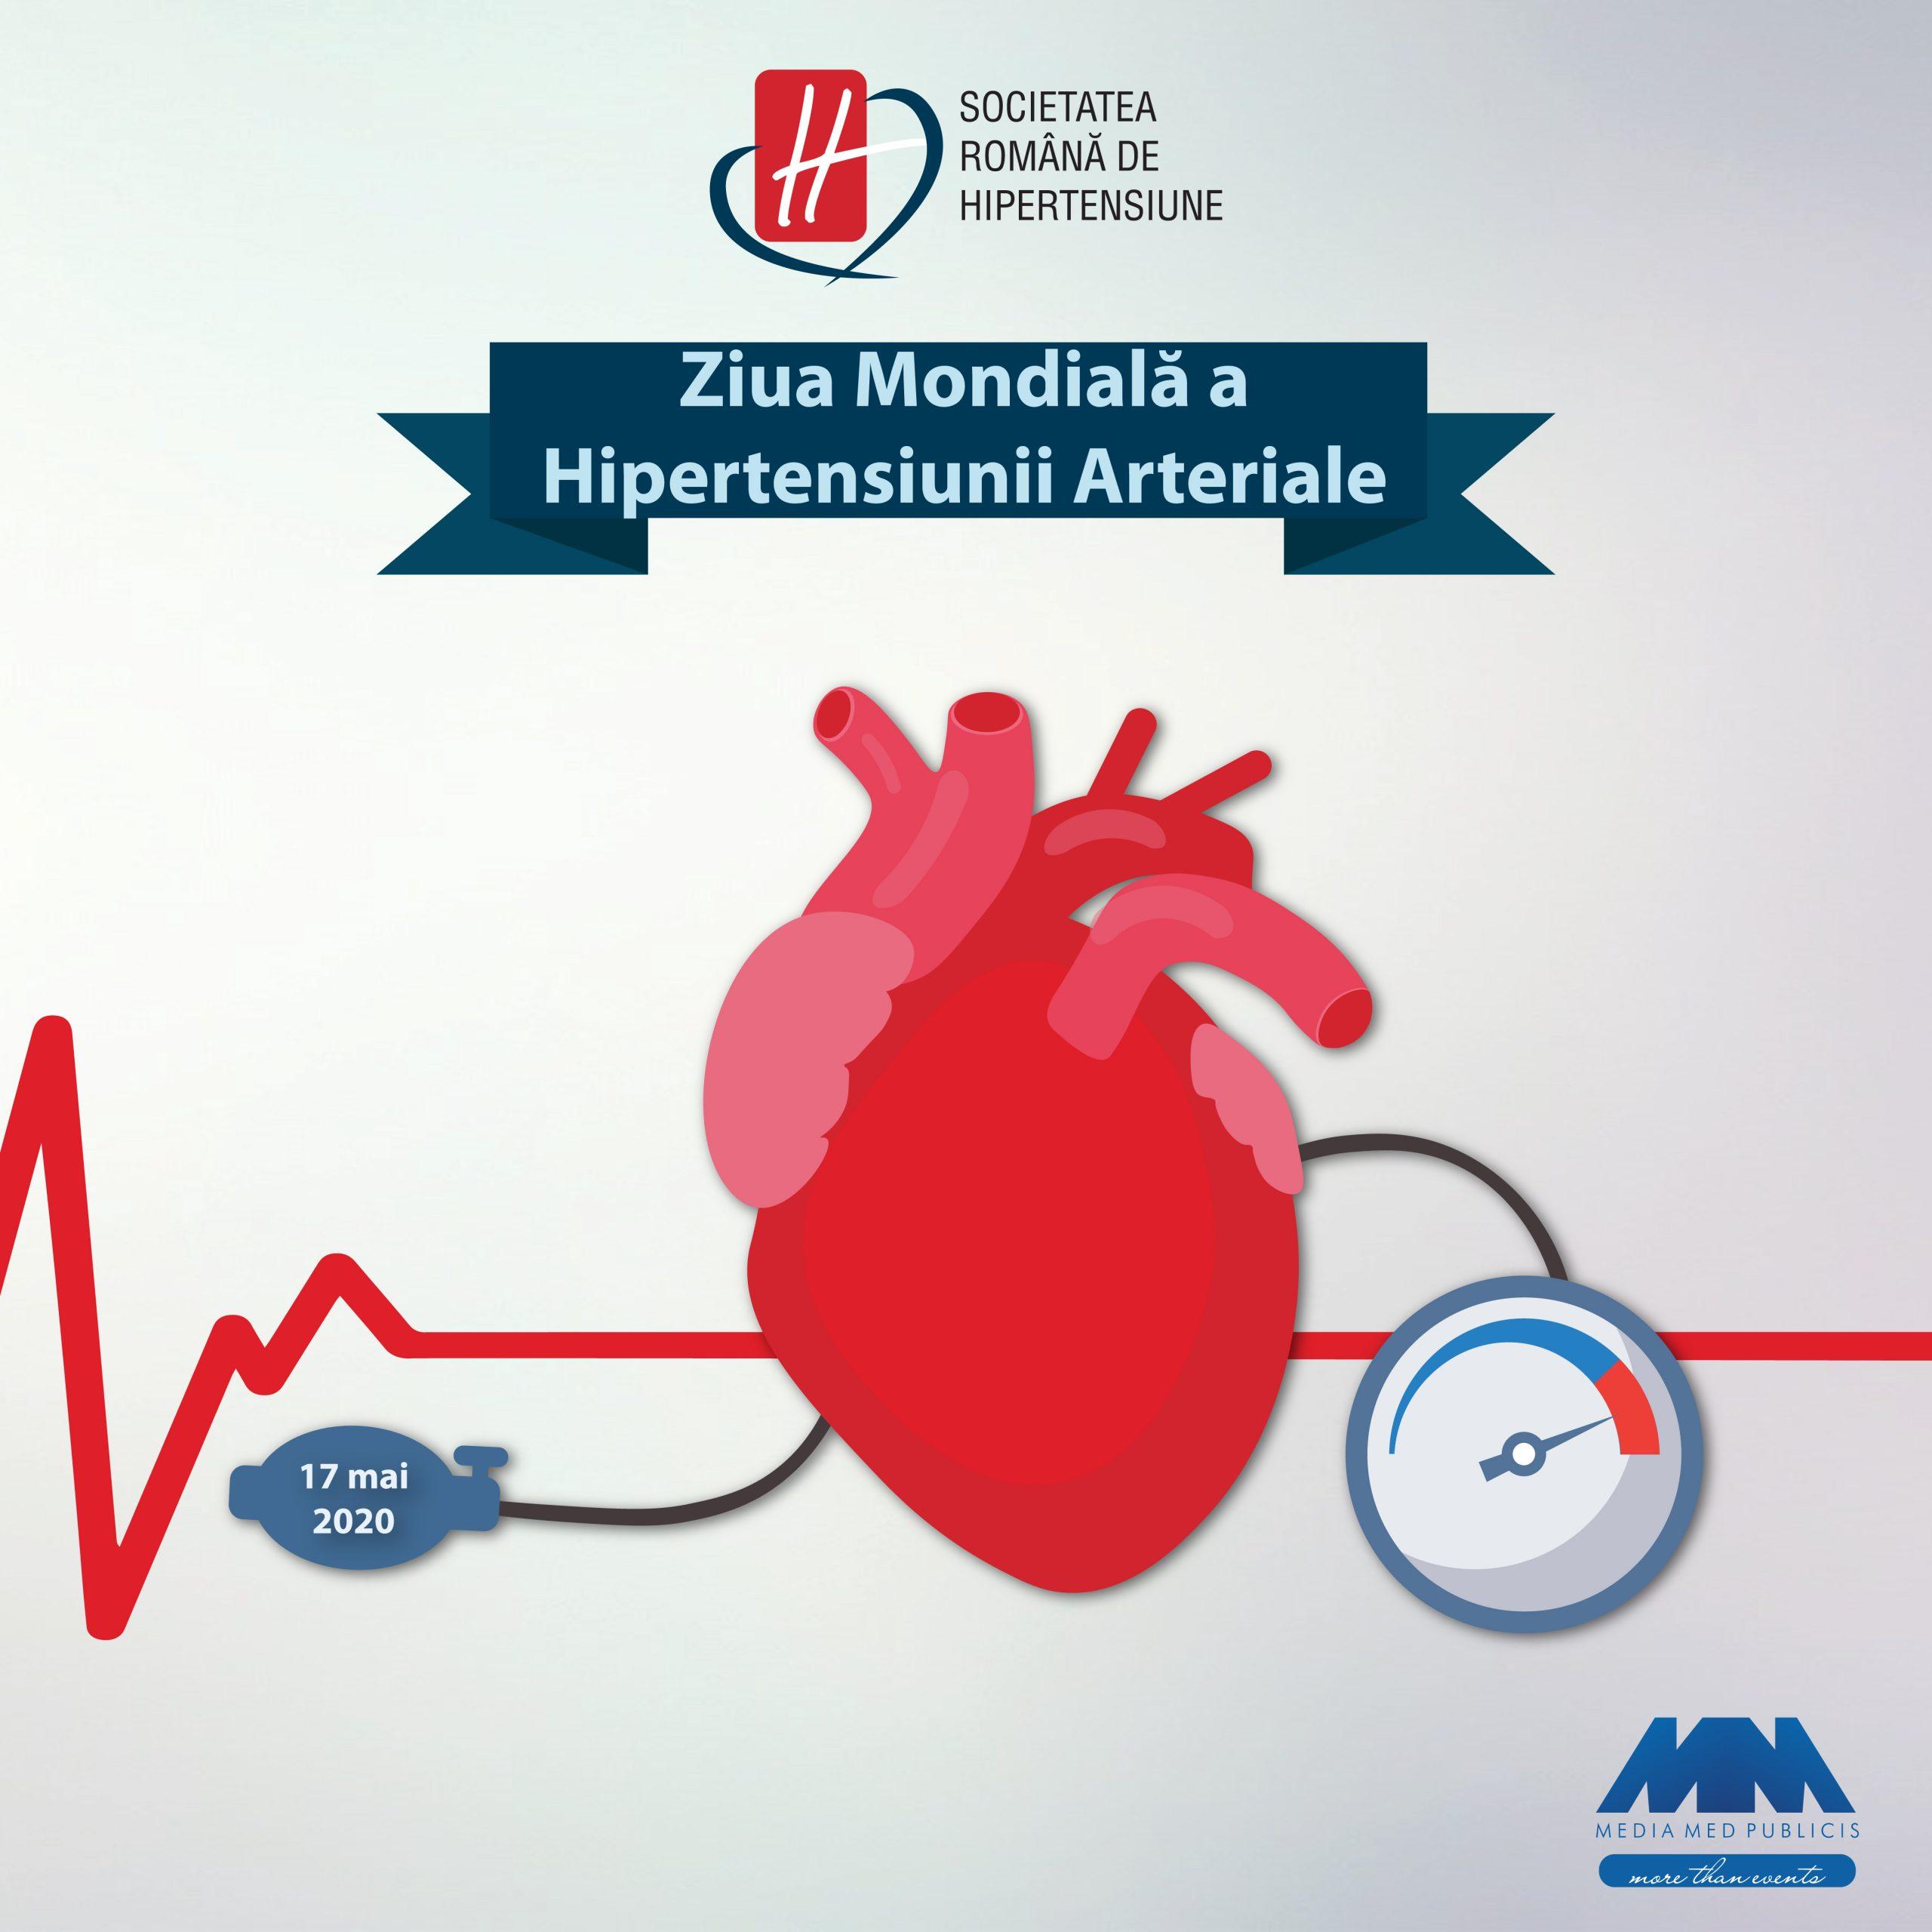 Ce trebuie să știm depre hipertensiunea arterială în vremea pandemiei cu COVID-19?